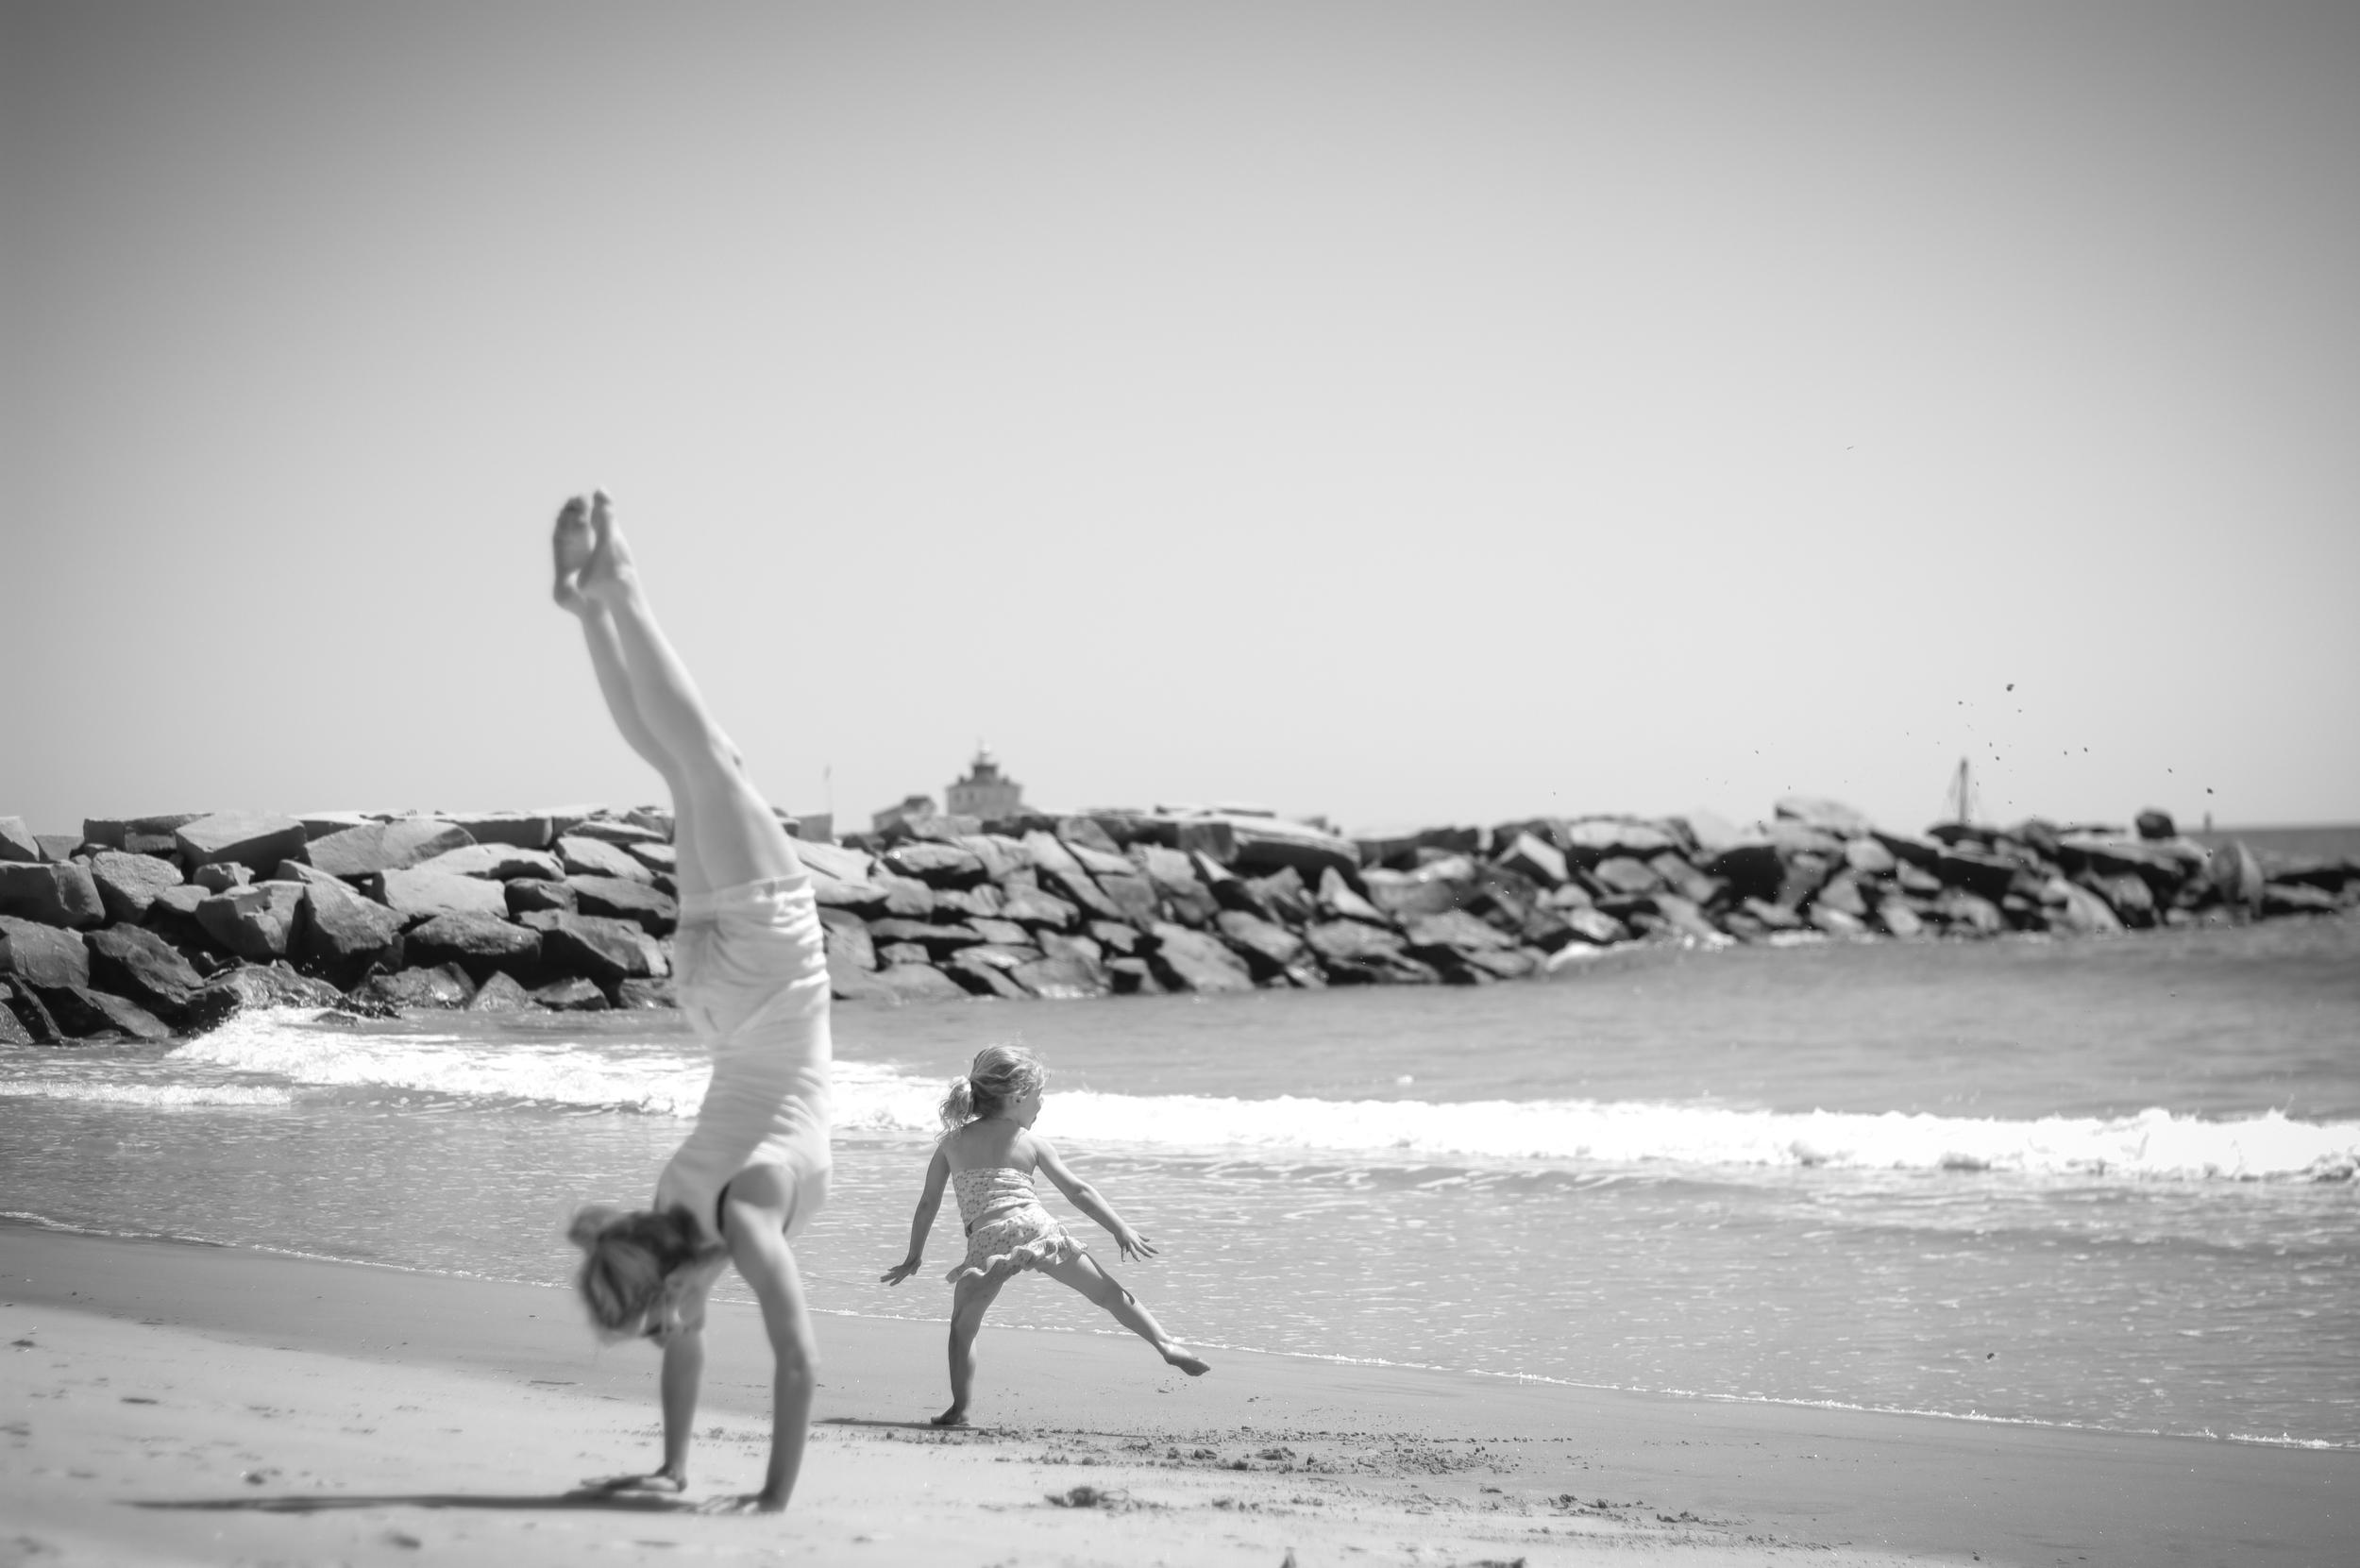 beachday-300dpi-1357